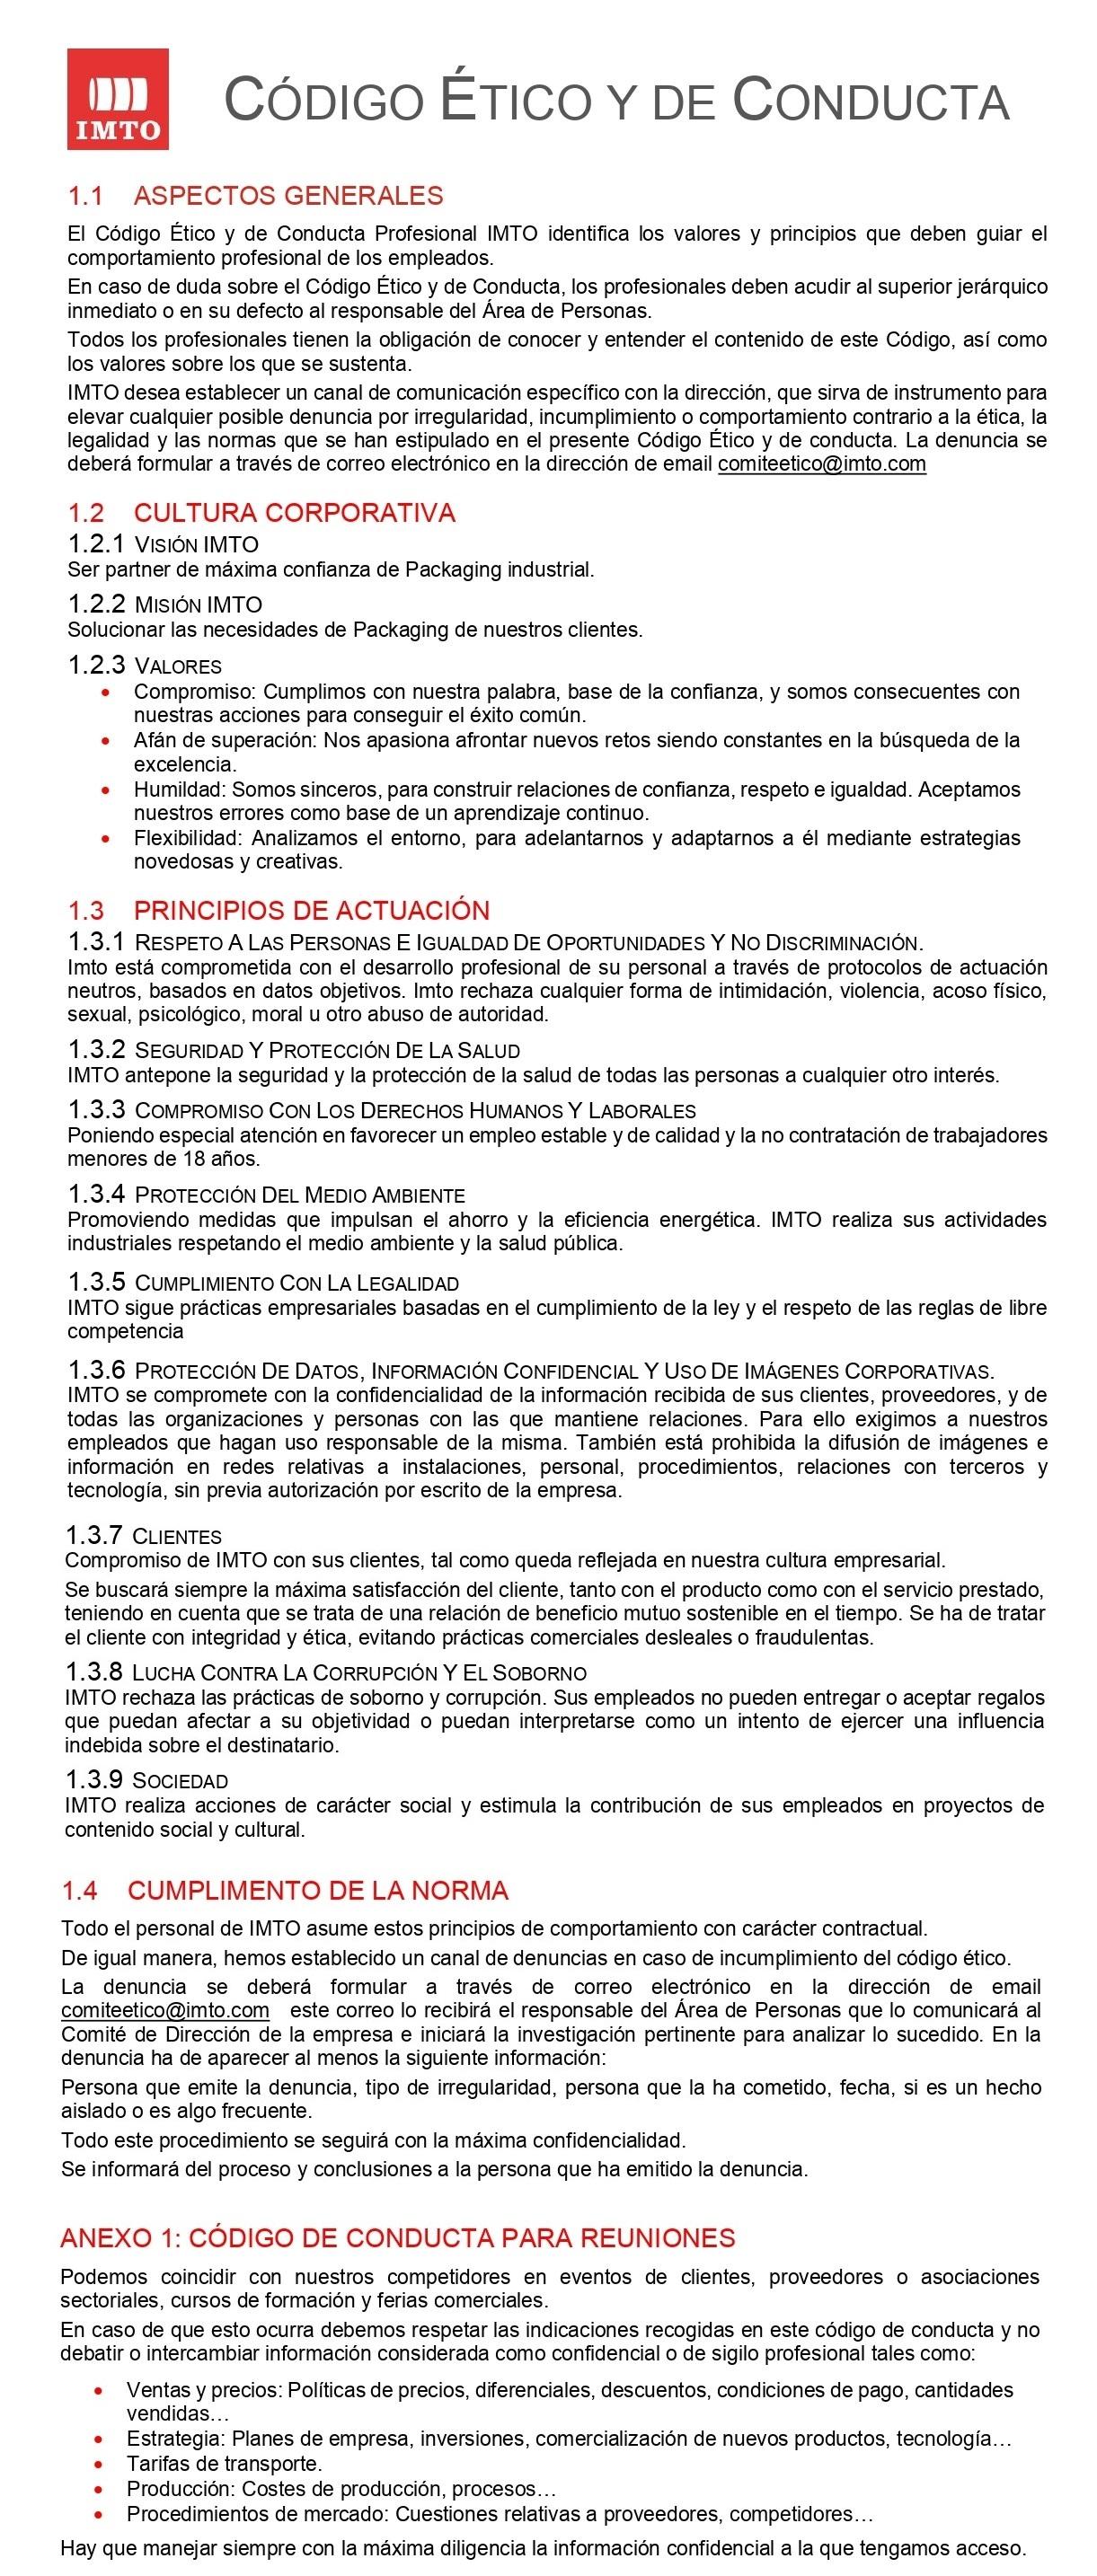 codigo etico 2020.2